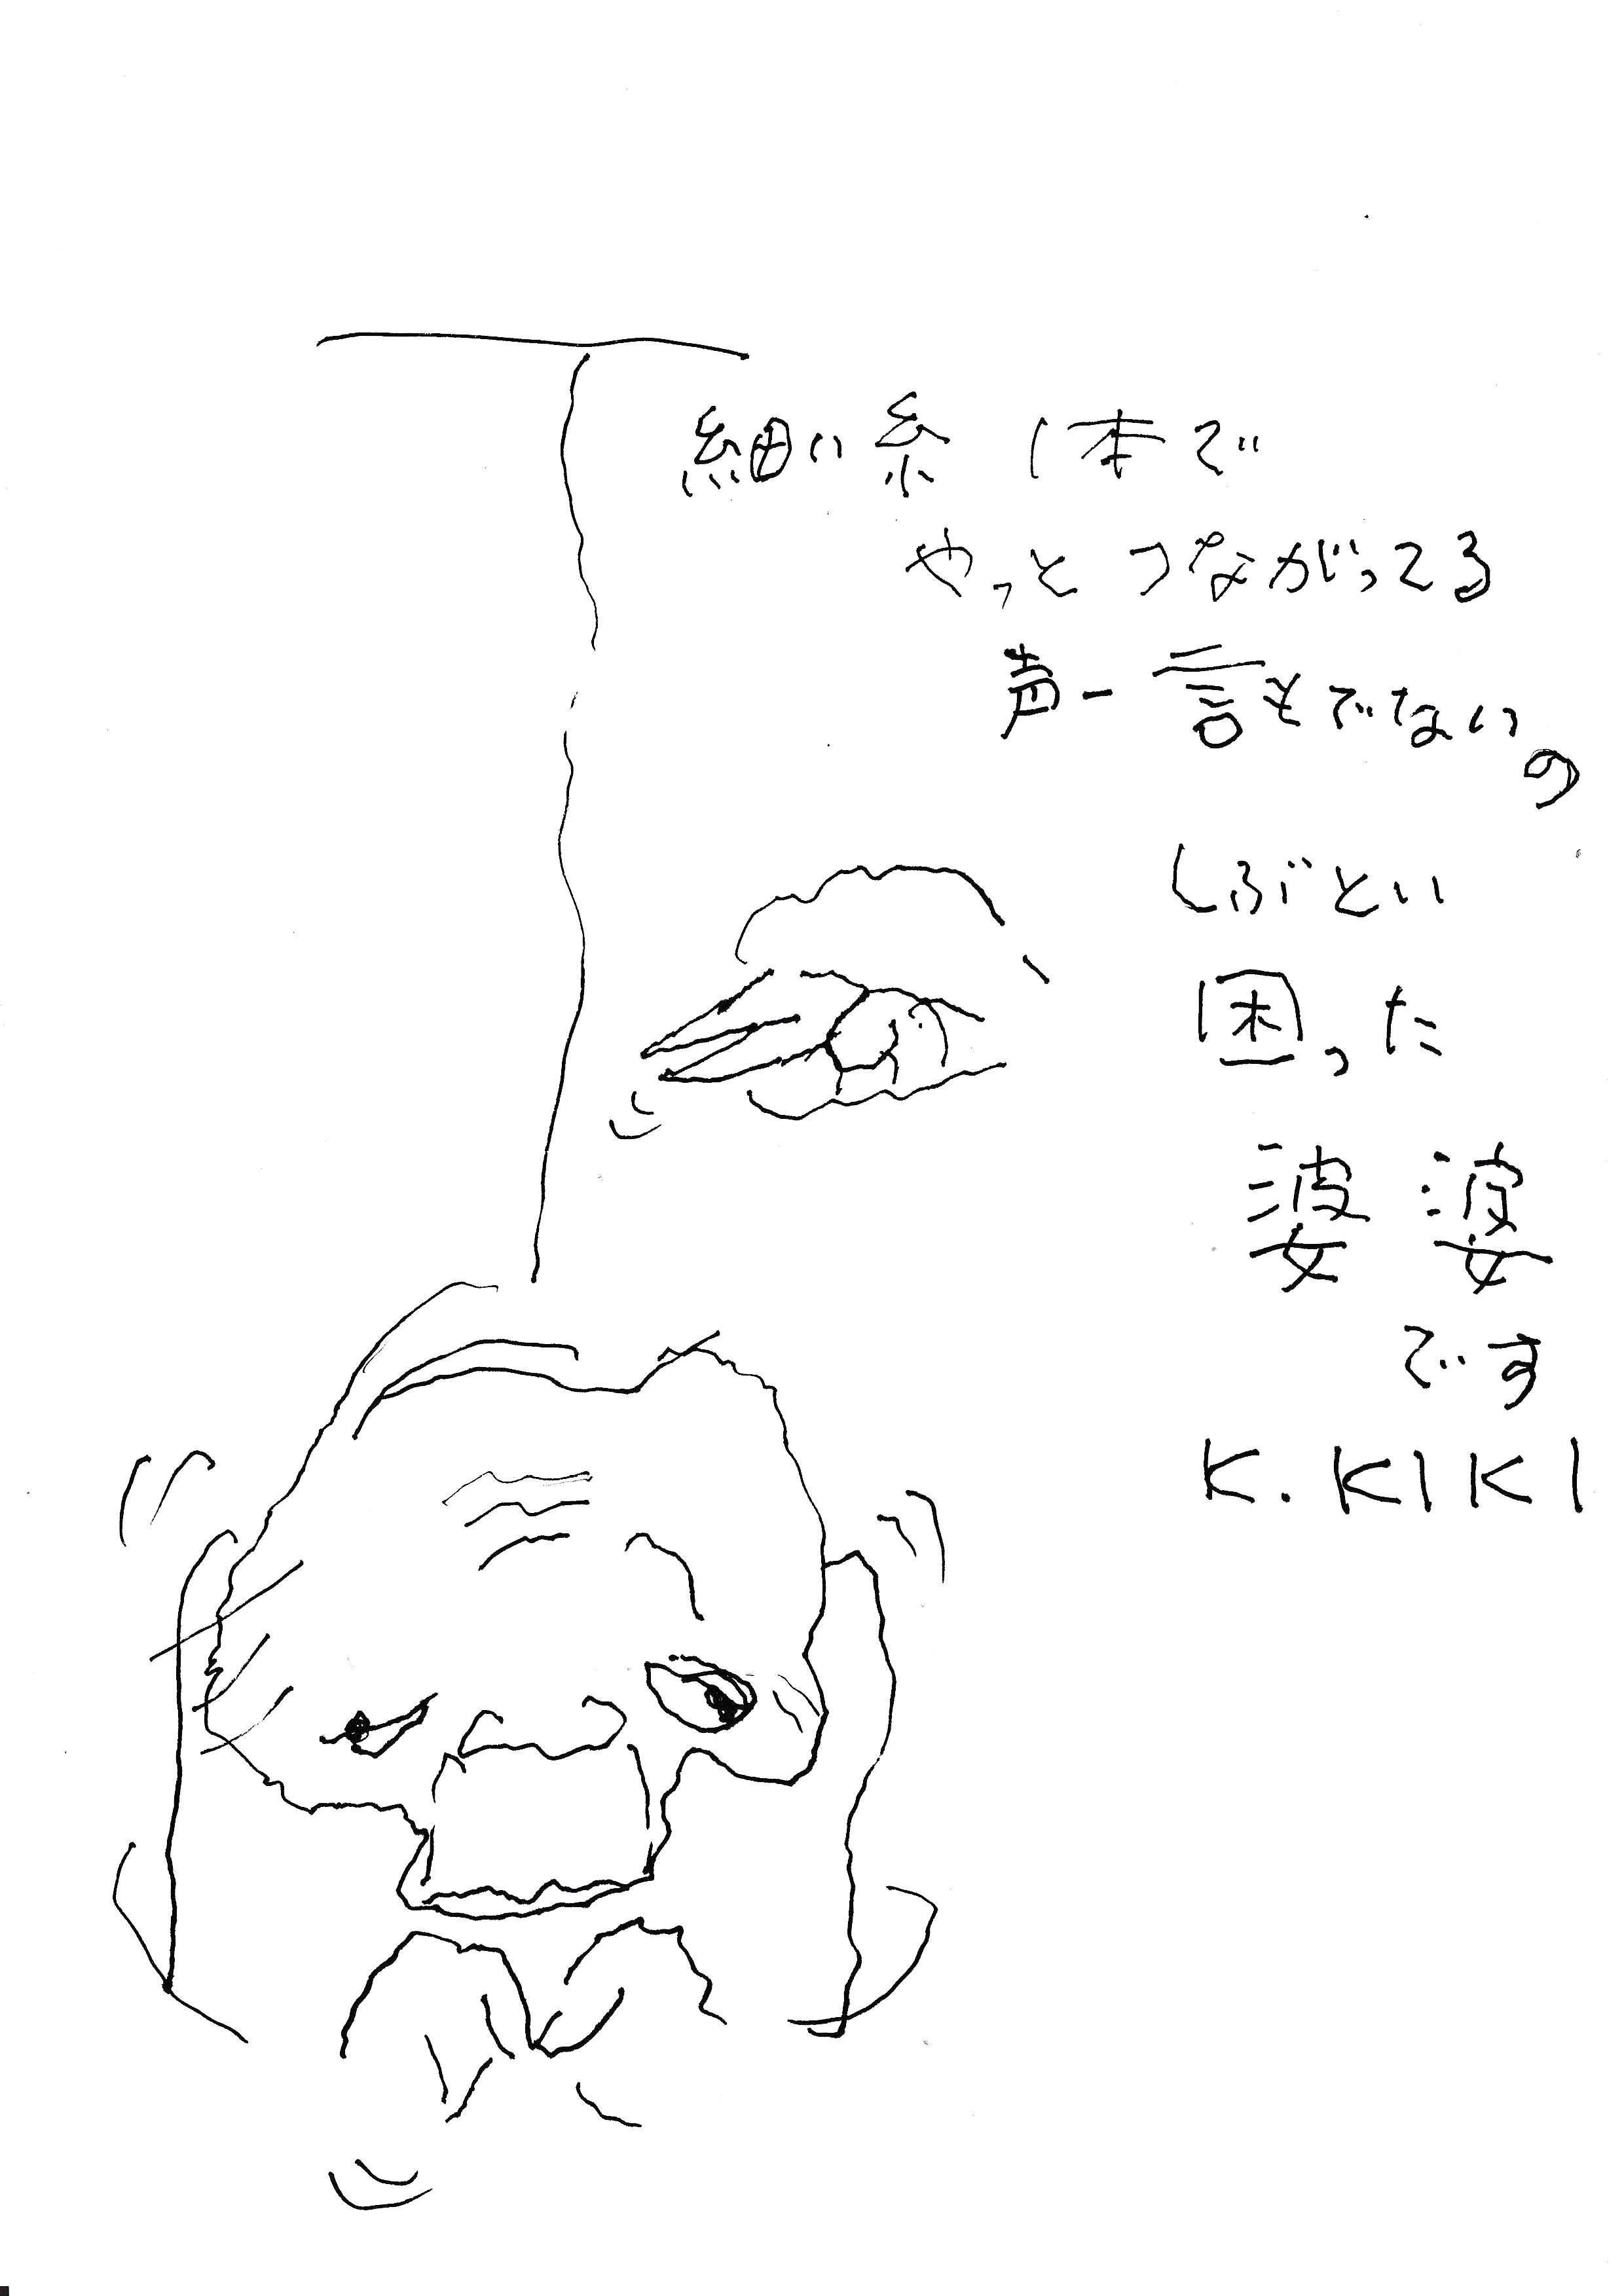 樹木希林さん最後のイラストメッセージ